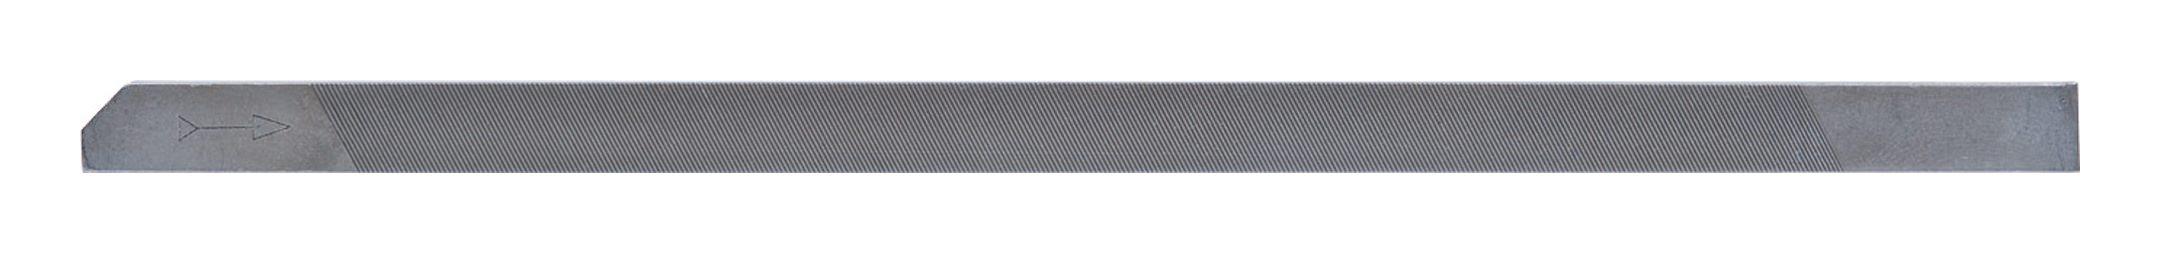 Tiefenbegrenzerfeile 4132 9 x 6mm Hieb 2 - 11692202